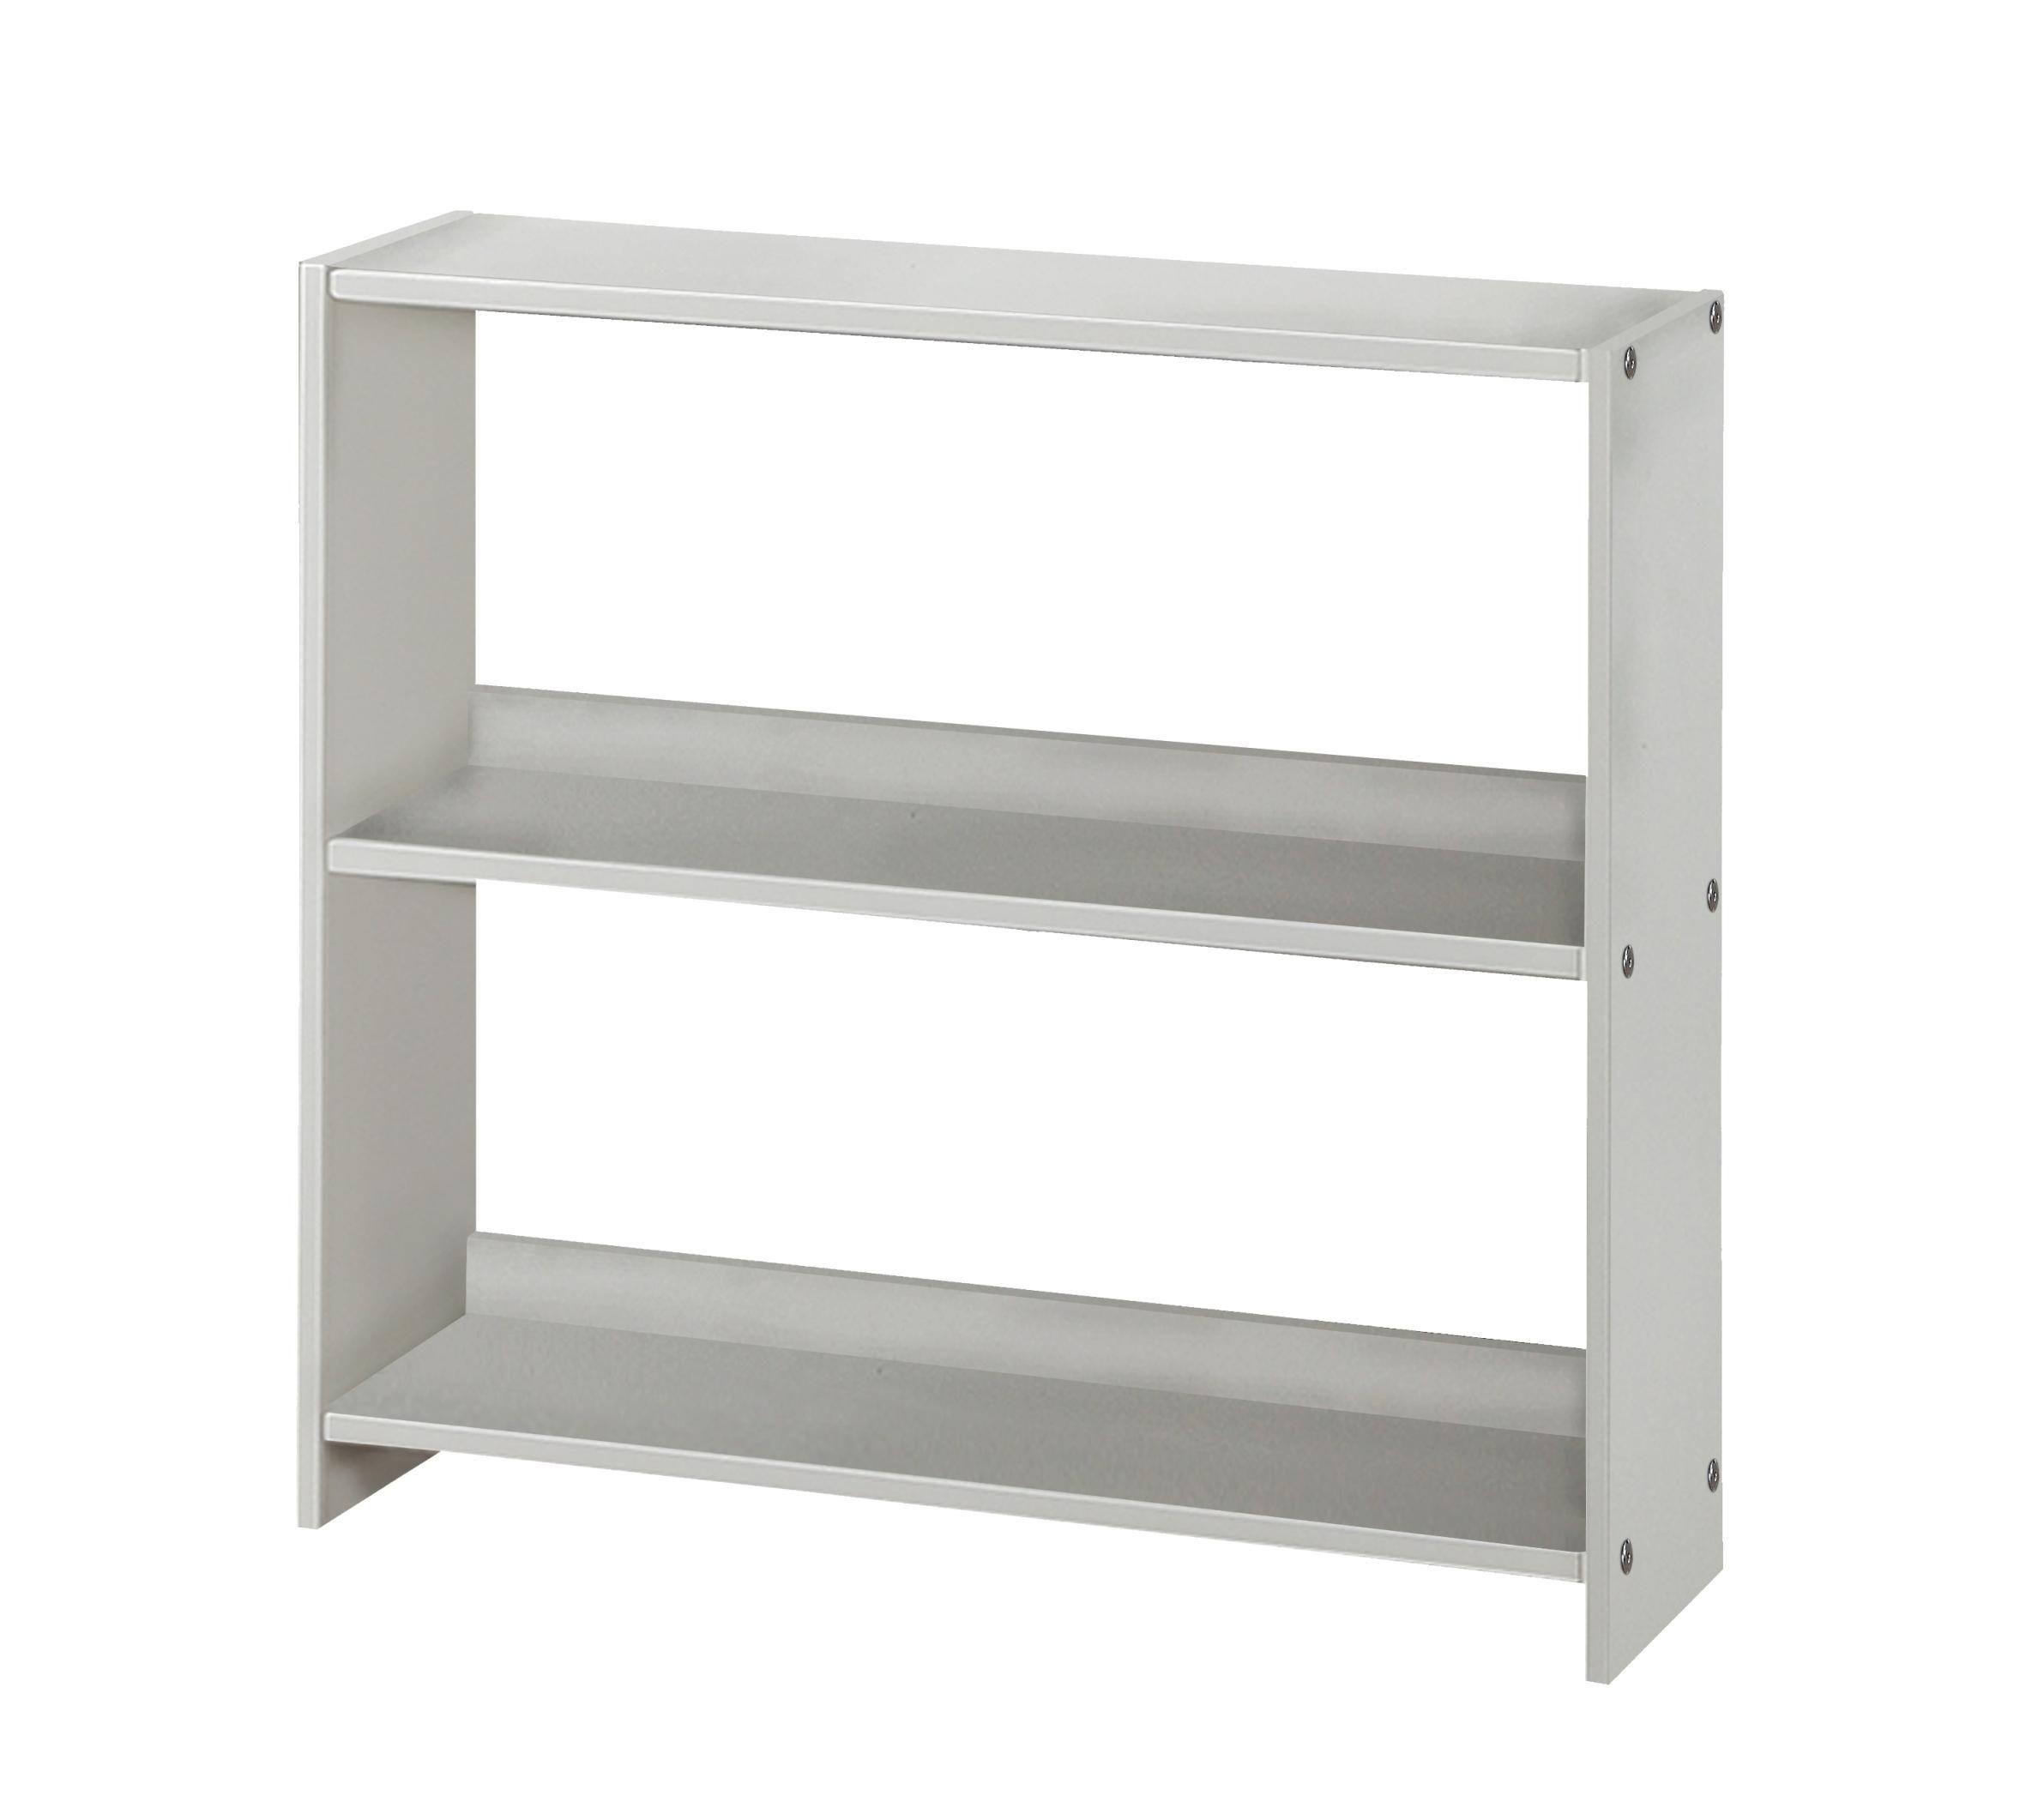 Pivot Direct Louver Small Bookcase In White Finish PD_795EW